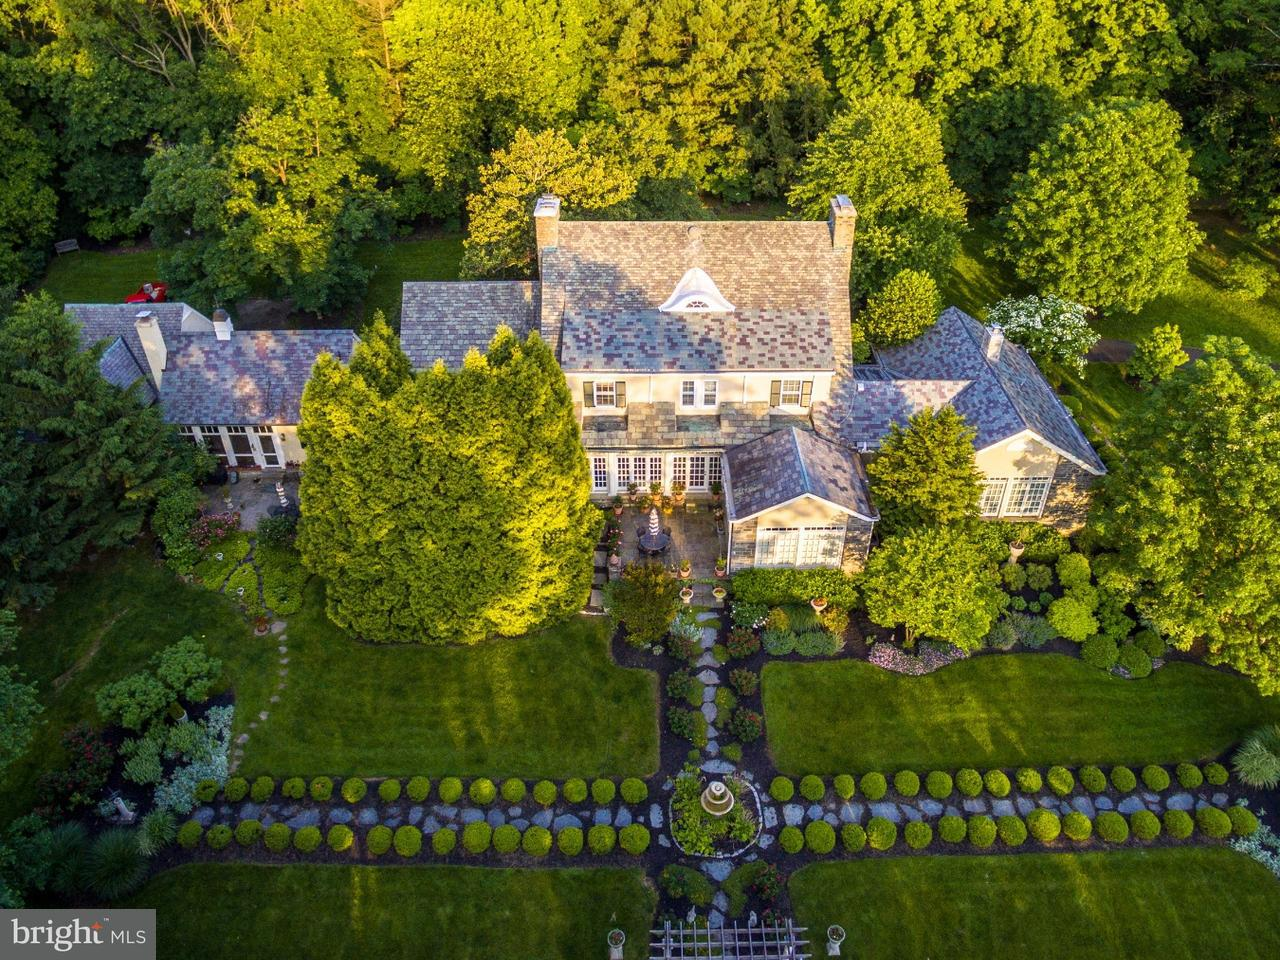 Частный односемейный дом для того Продажа на 1740 MEADOWBROOK Road Meadowbrook, Пенсильвания 19001 Соединенные Штаты